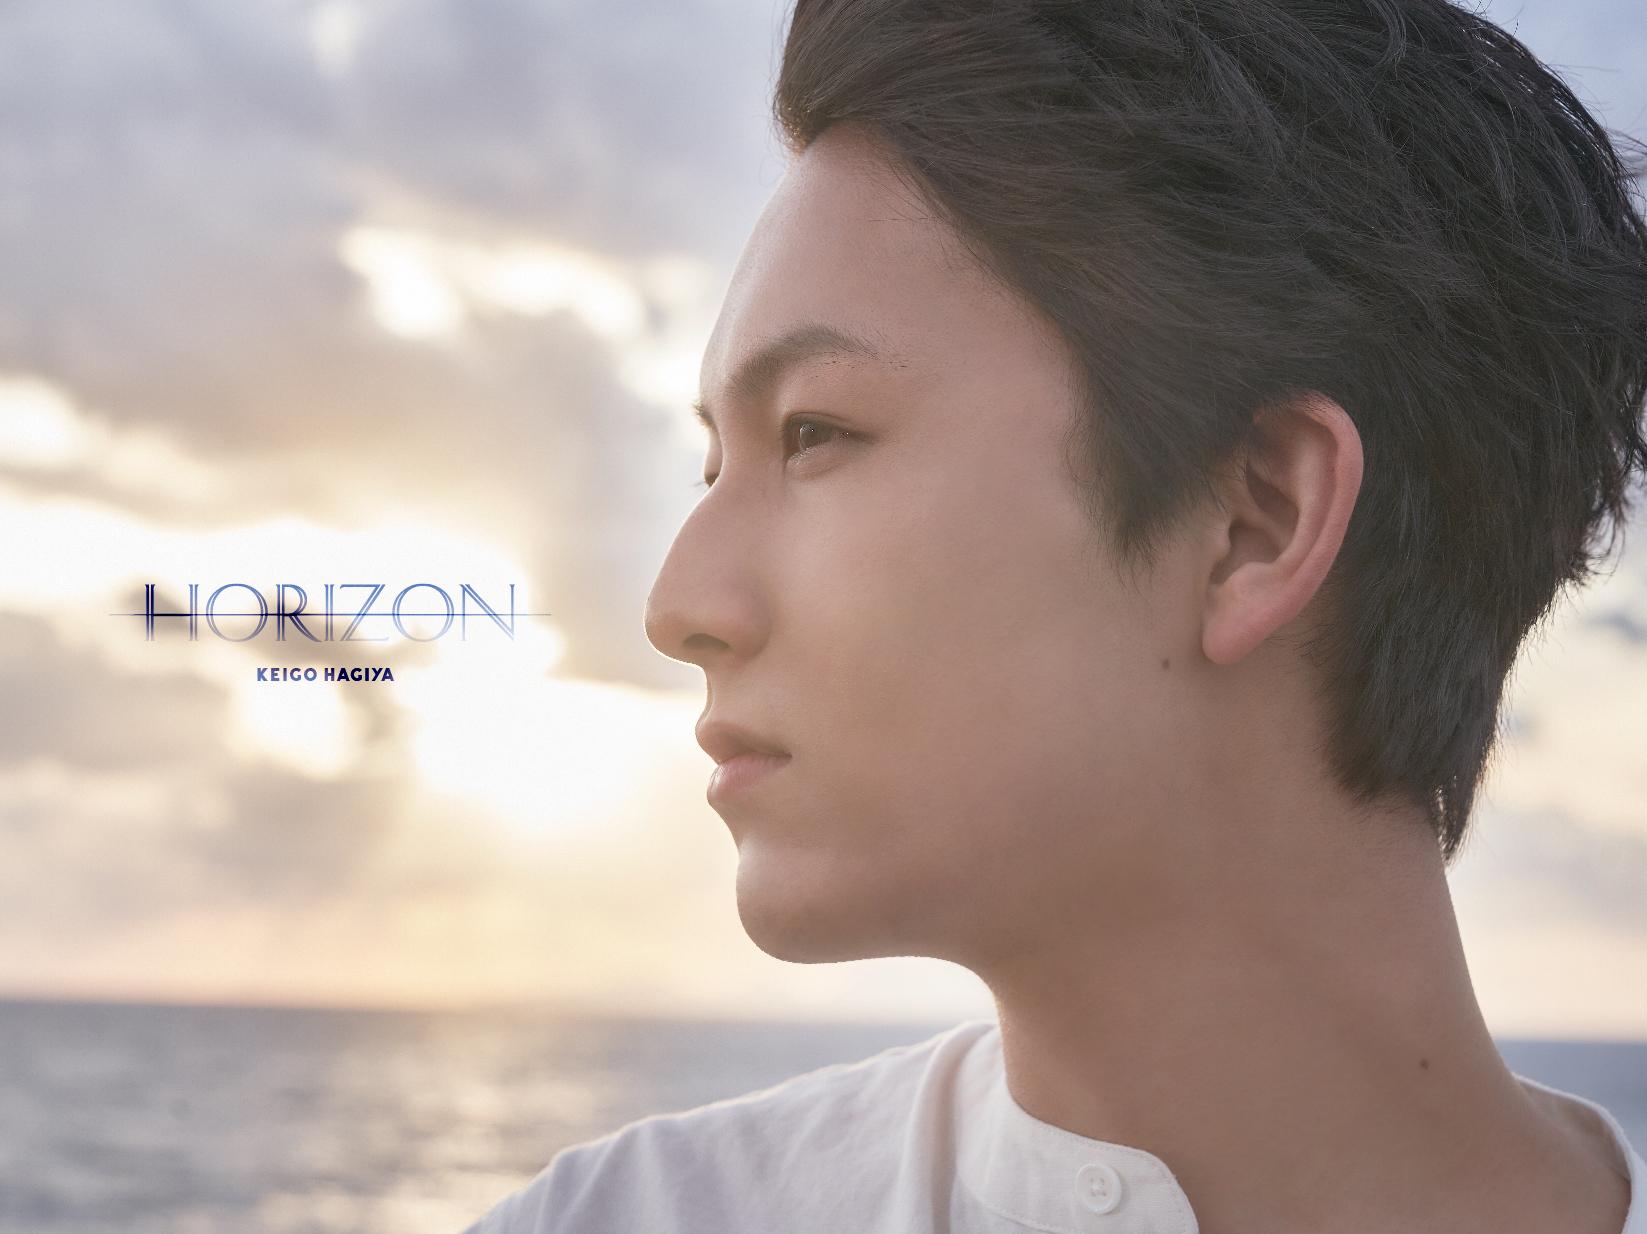 horizon_cover_RGB.jpg